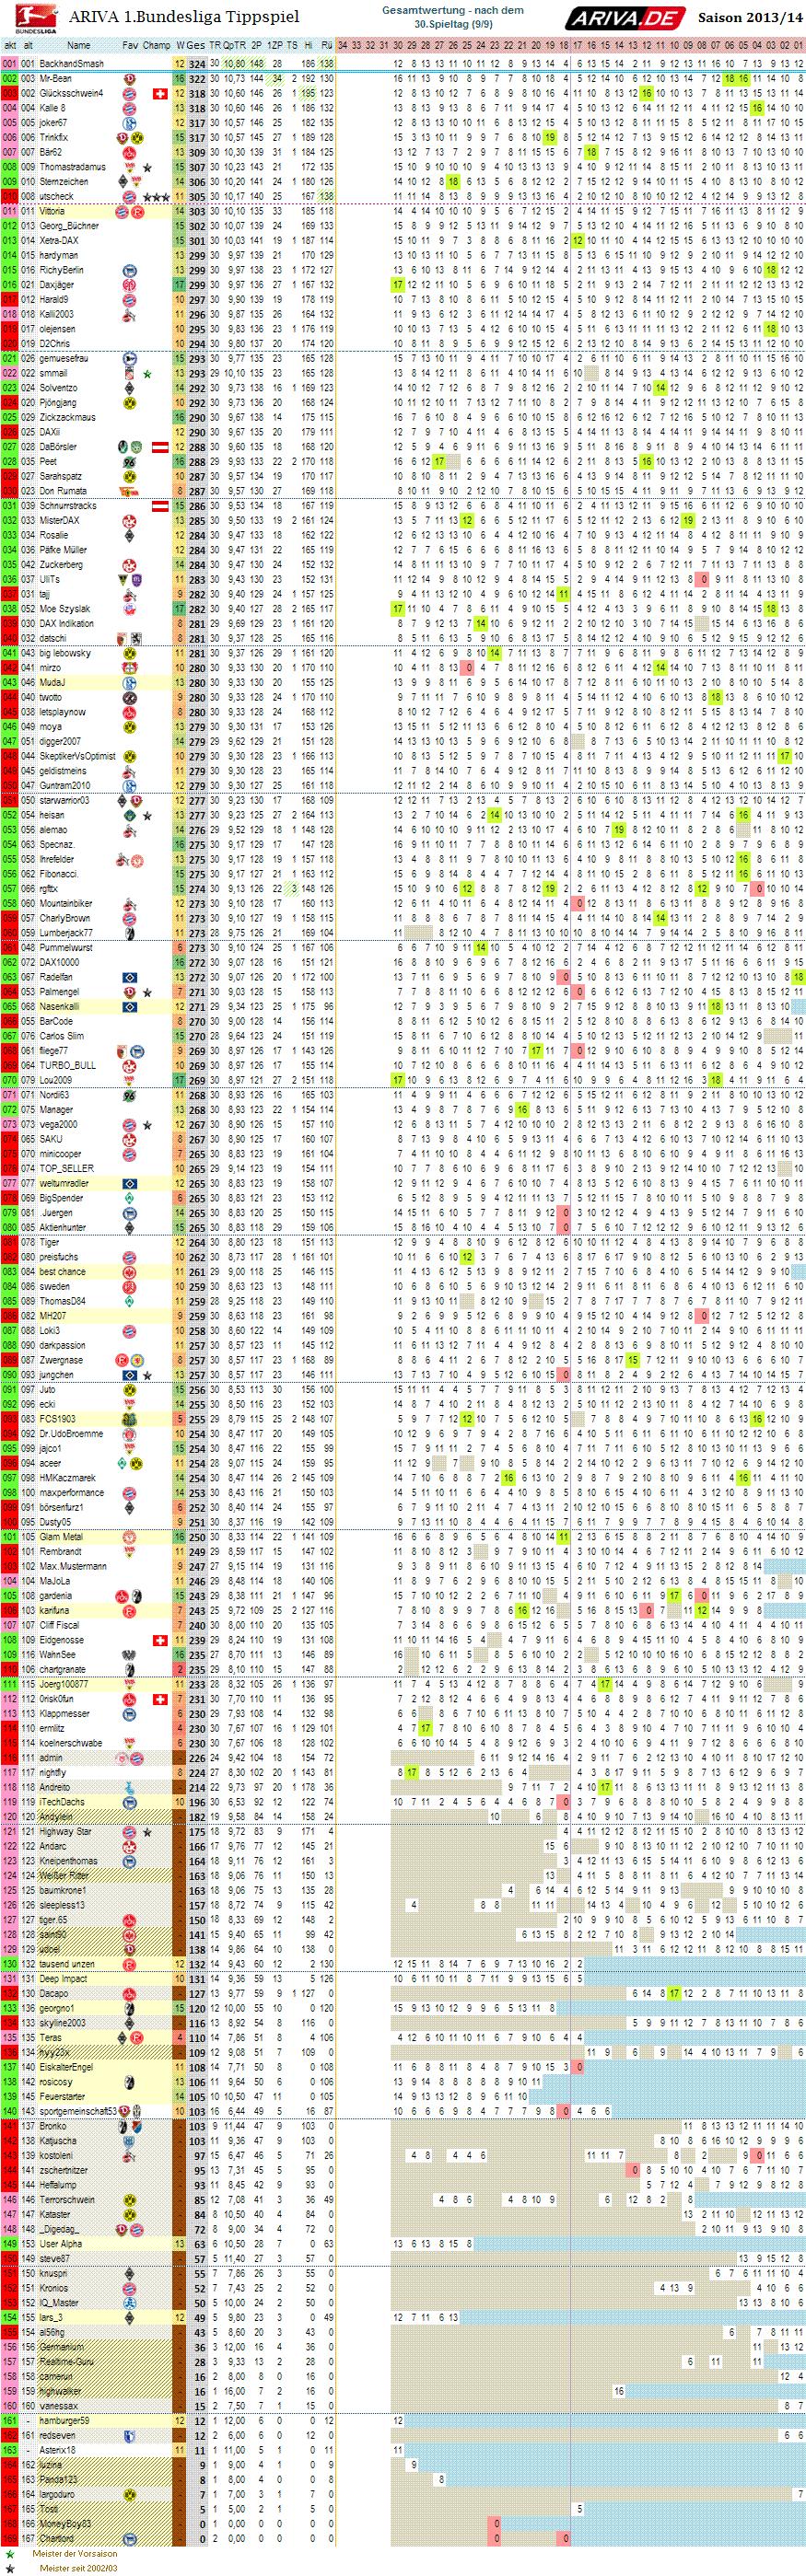 1bl_gesamtwertung_30.png